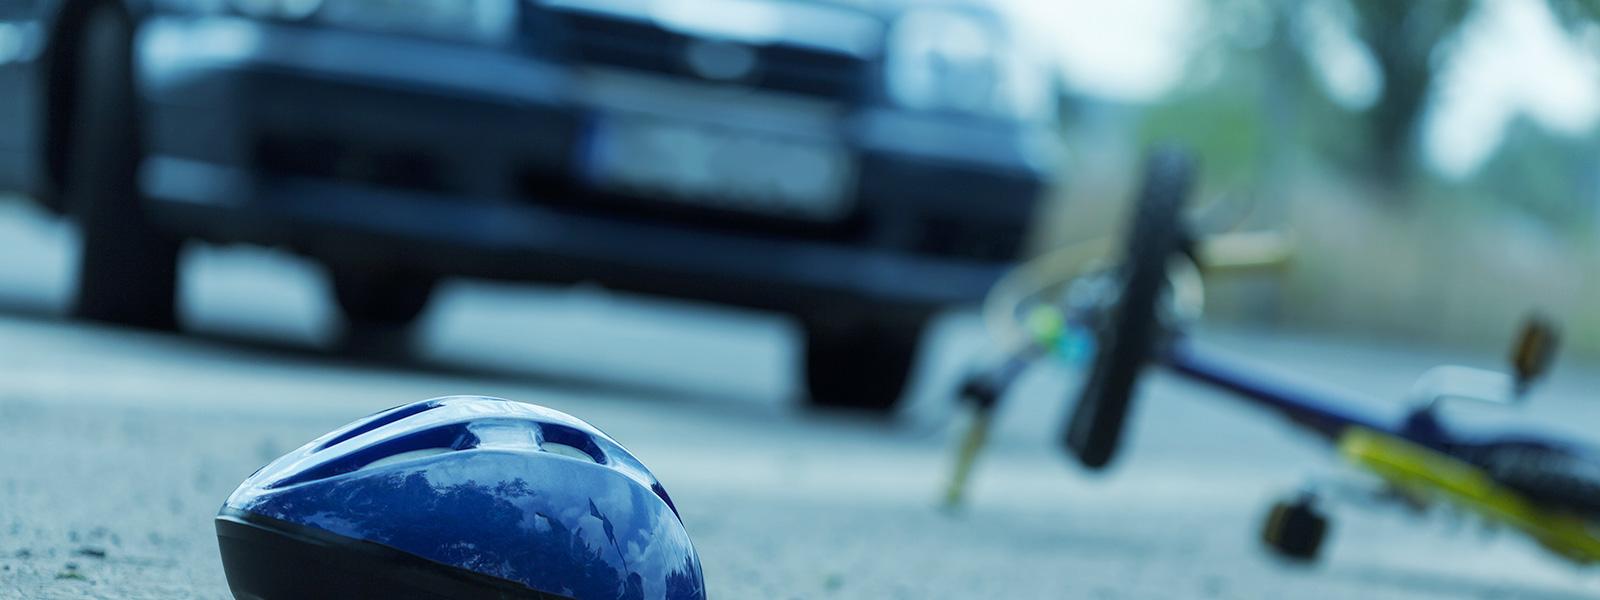 acidentes-transito-envolvendo-ciclistas-aumentam-pr-blog-ceabs